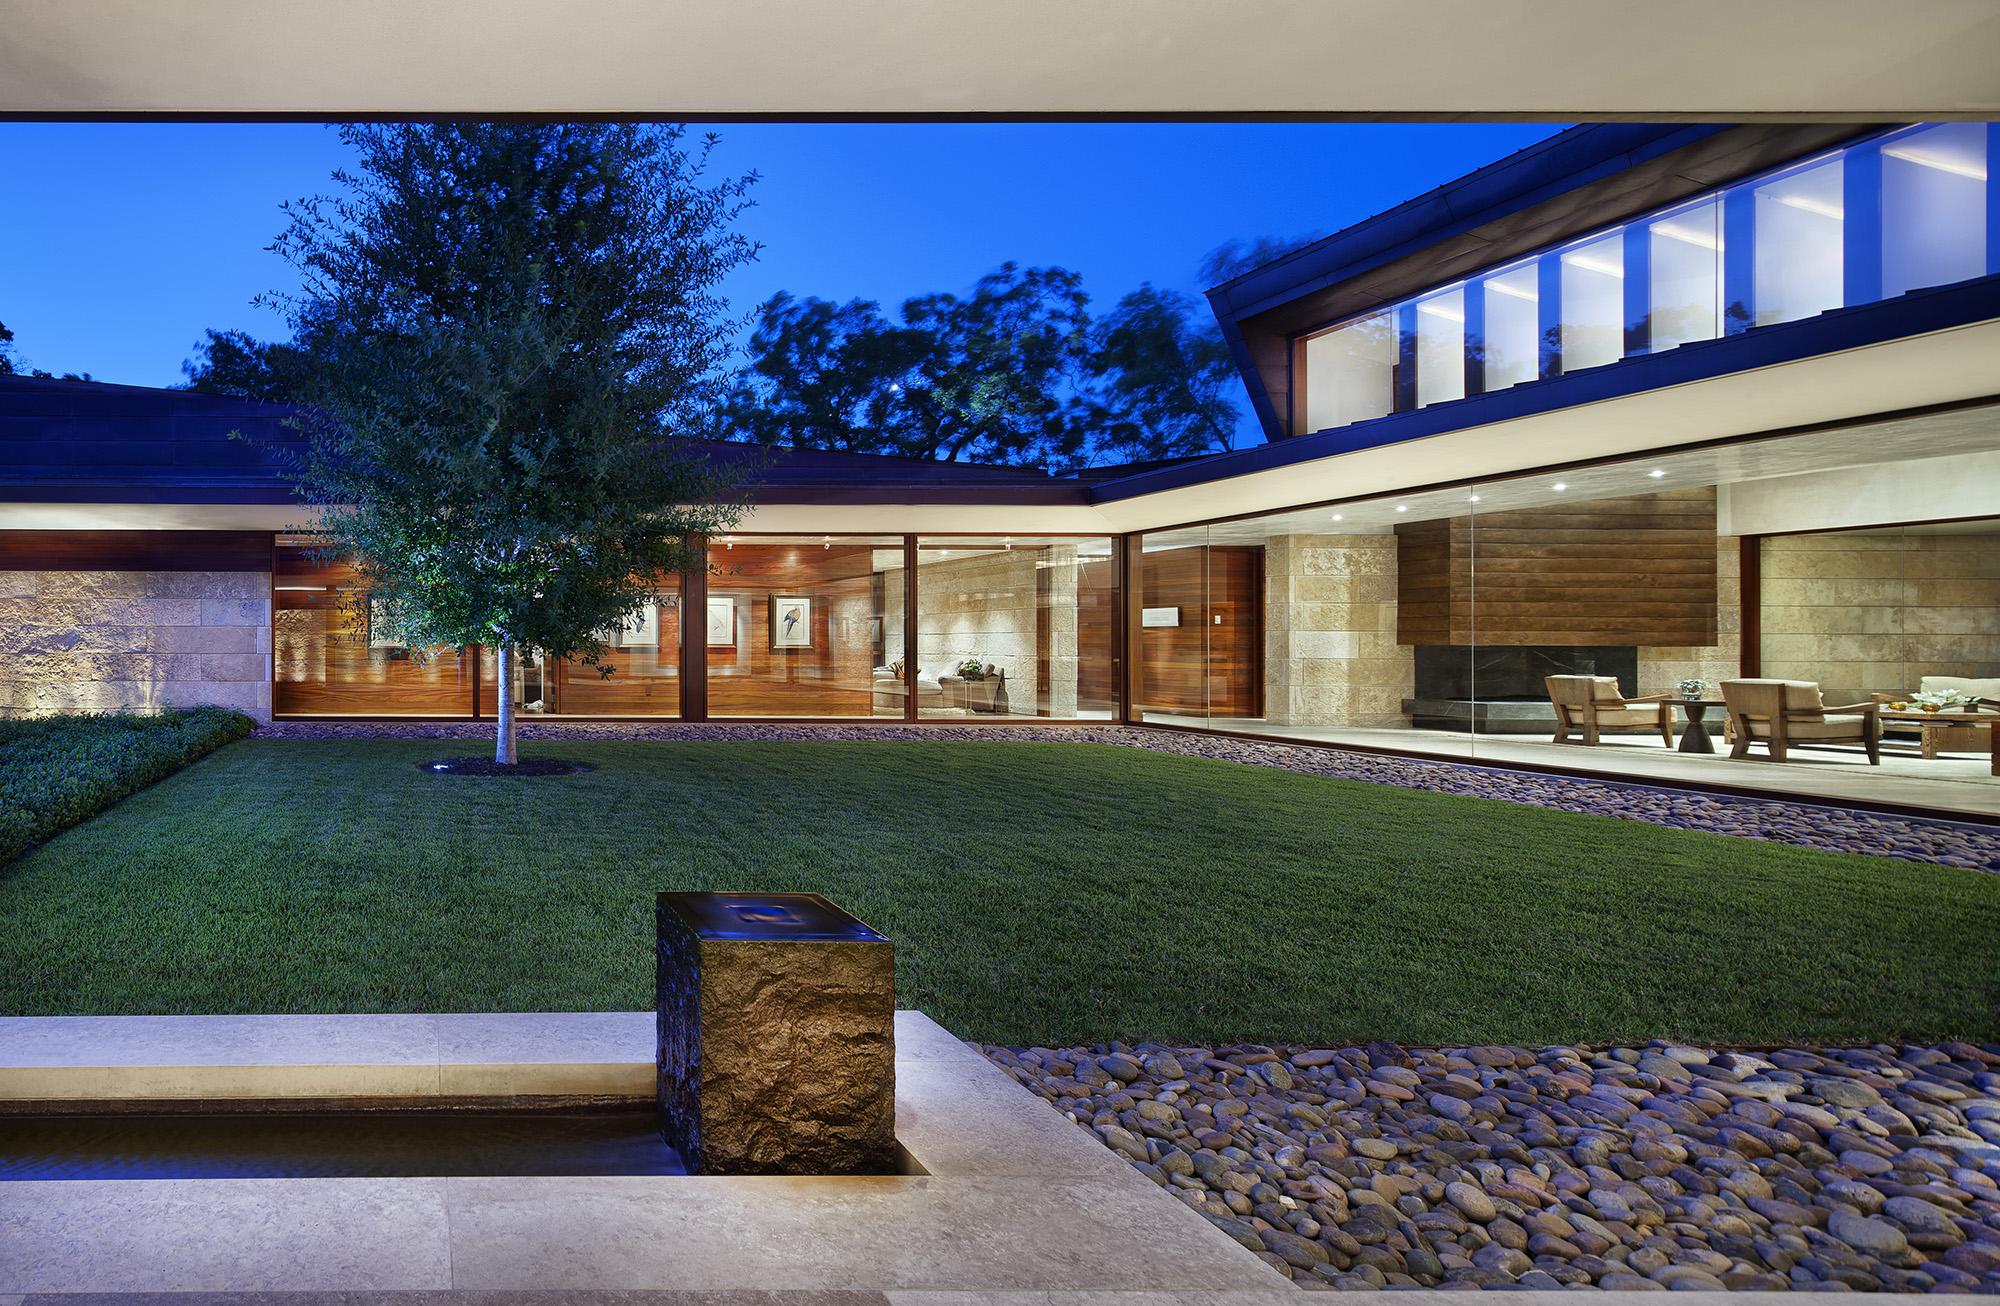 05_Residence 1446.jpg